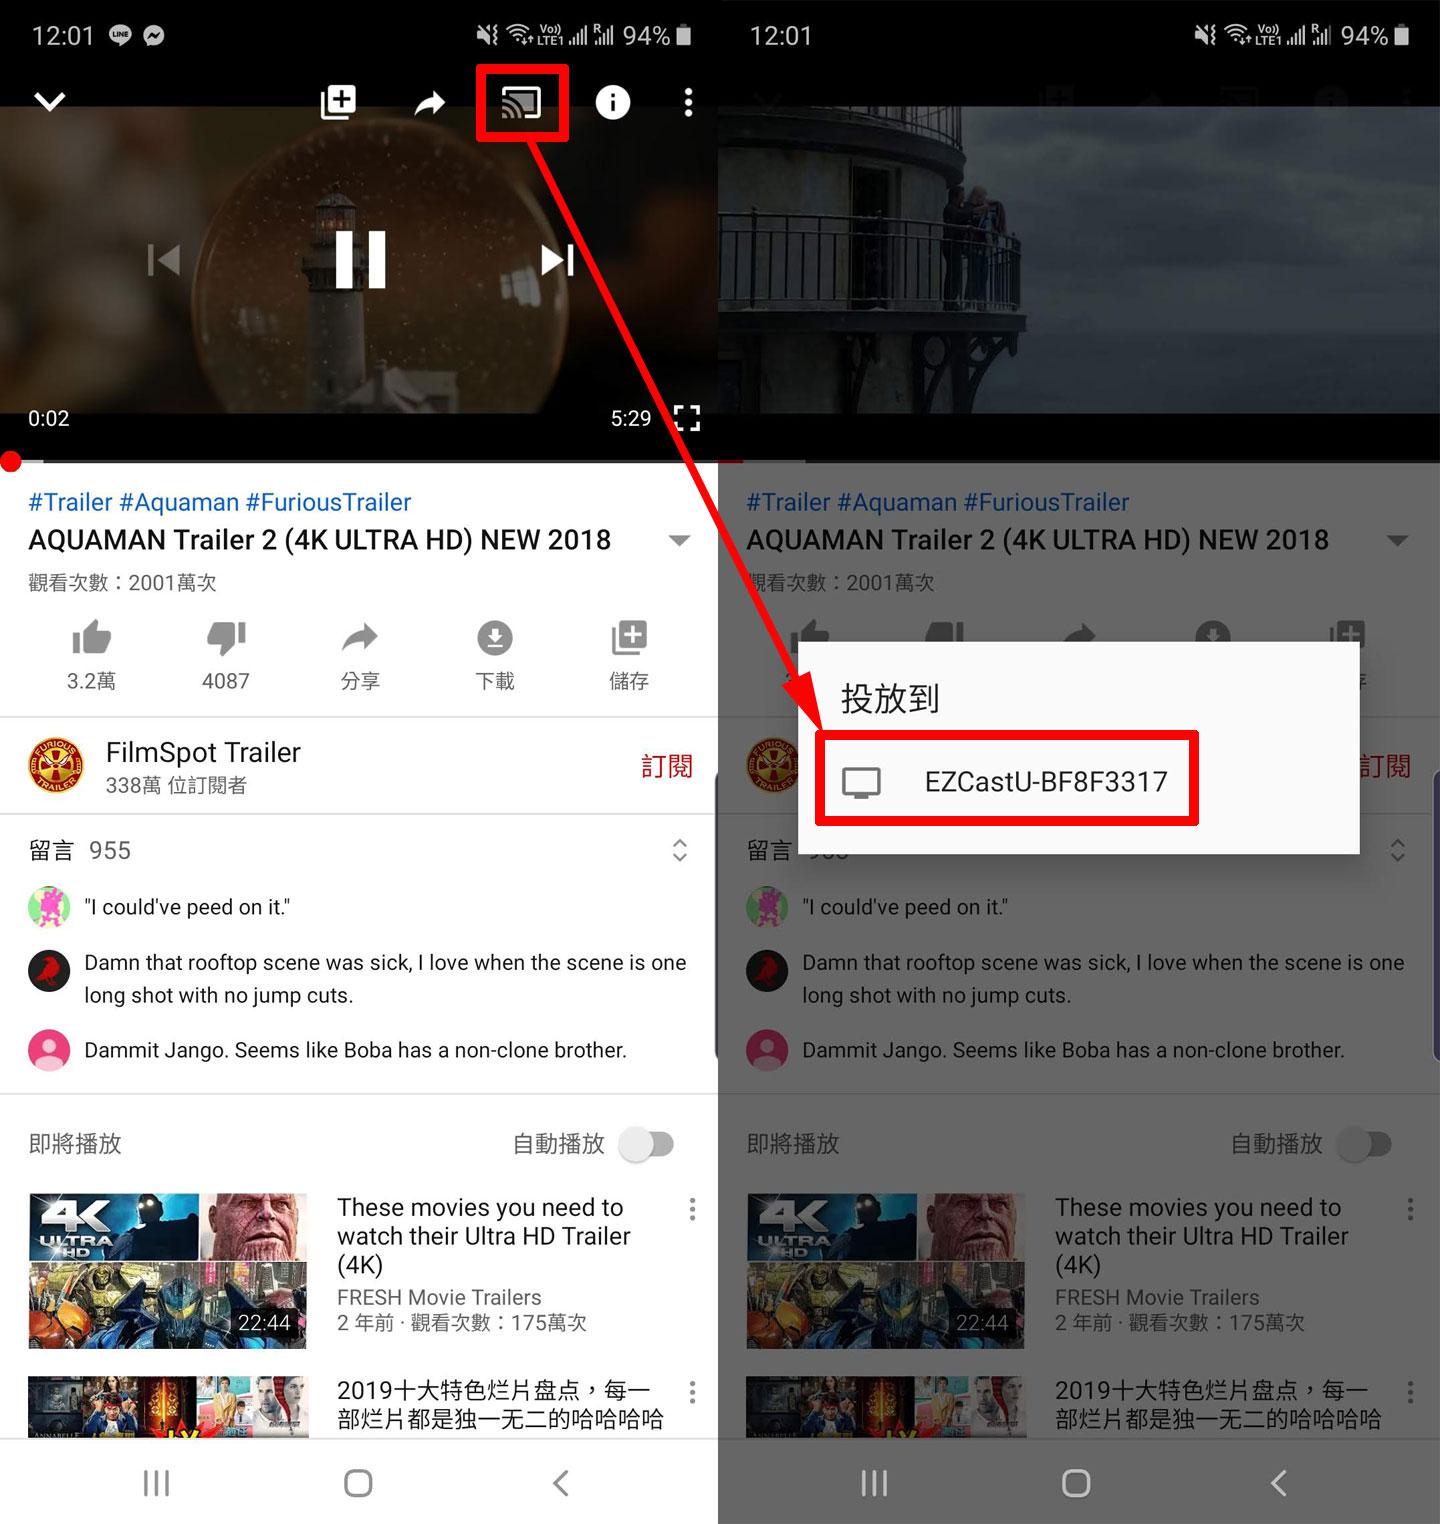 除了透過 EZCast App 來選播影片,EZCast Ultra U1 本身也支援 YouTube TV 的無線投放功能,因此我們也可以透過 YouTube App 在播放影片時,透過內建介面直接選擇將畫面投放至 EZCast Ultra U1,透過電視的大螢幕來觀看節目。